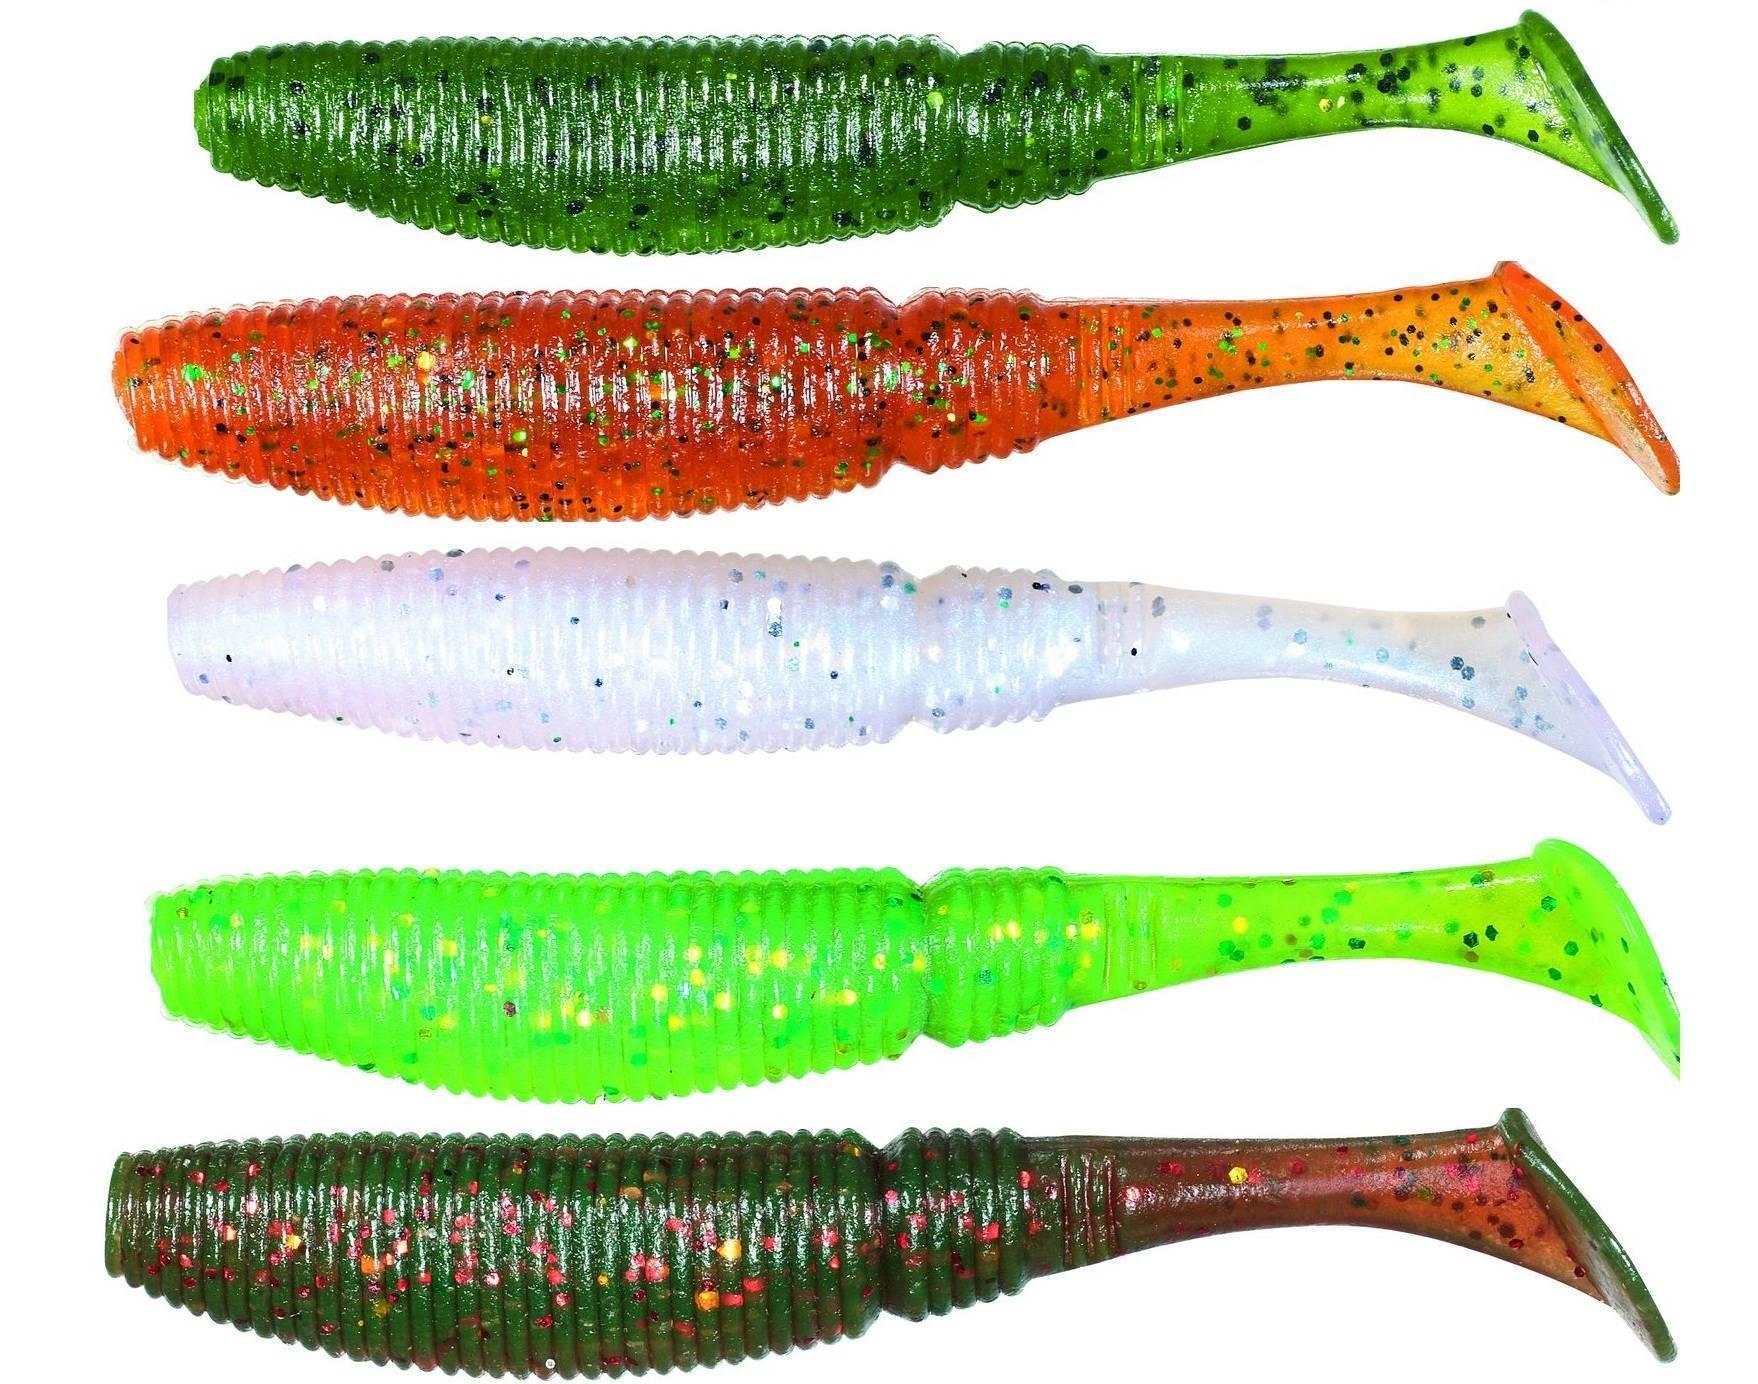 Съедобная резина: достоинства и недостатки приманки для рыбалки, обзор моделей для ловли окуня и щуки